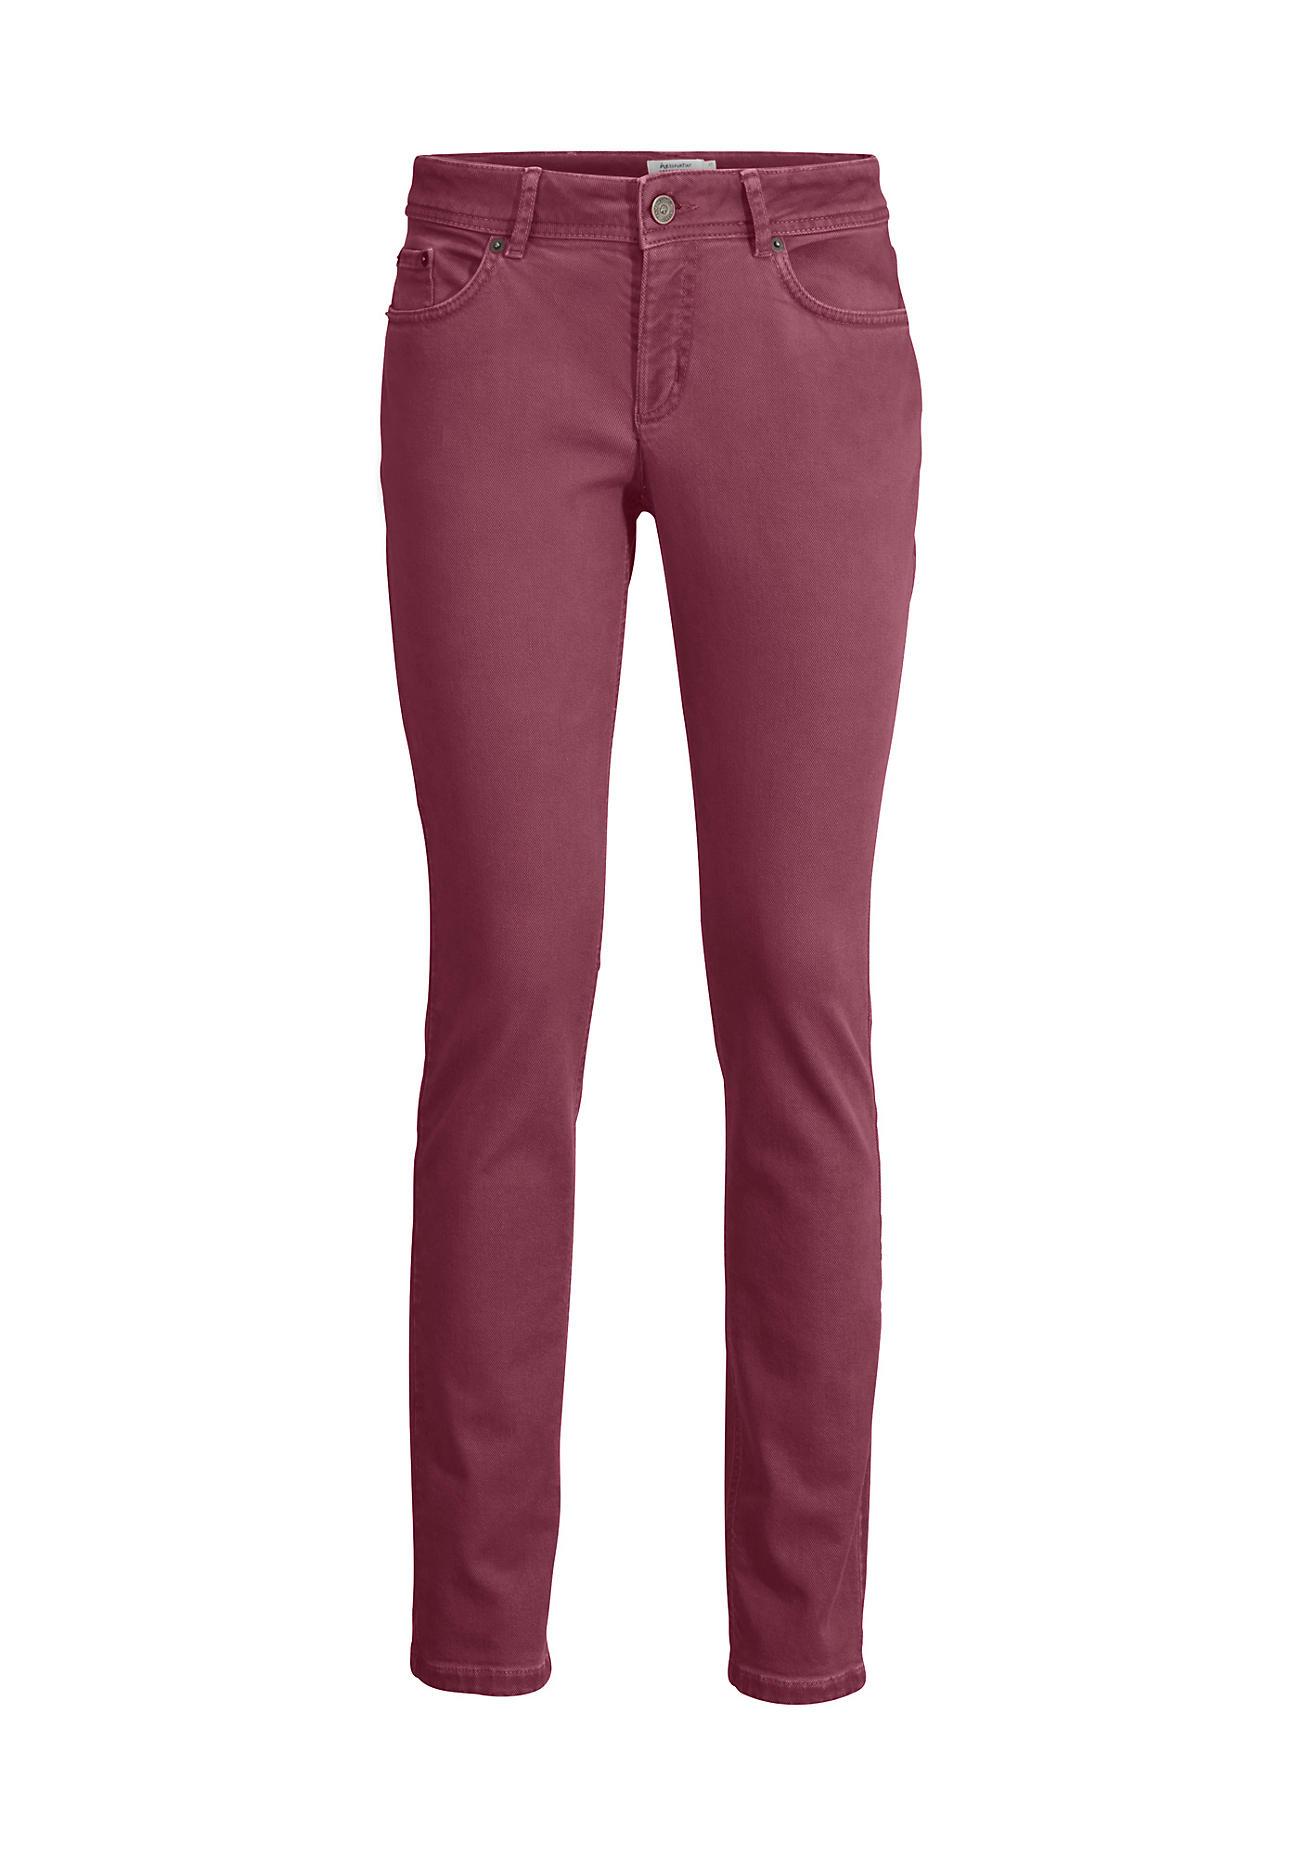 hessnatur -  Damen Jeans Slim Fit Coloured Denim aus Bio-Baumwolle – lila – Größe 34/34